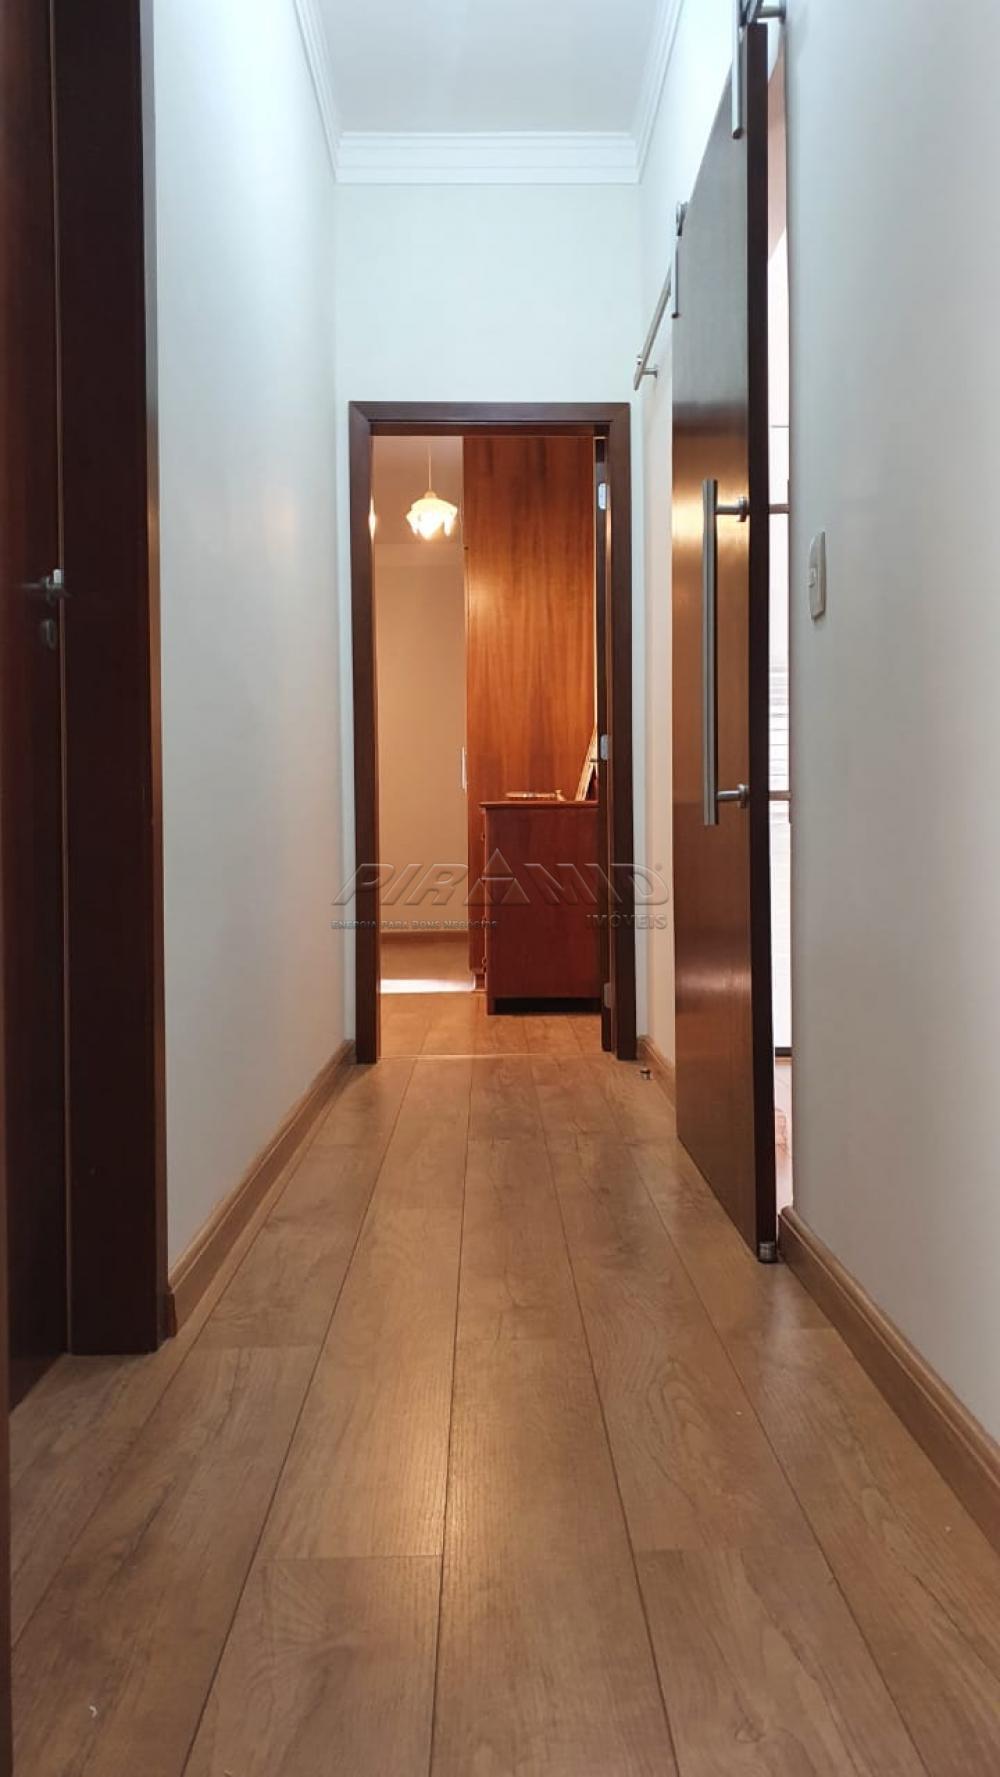 Alugar Casa / Condomínio em Ribeirão Preto R$ 5.900,00 - Foto 6